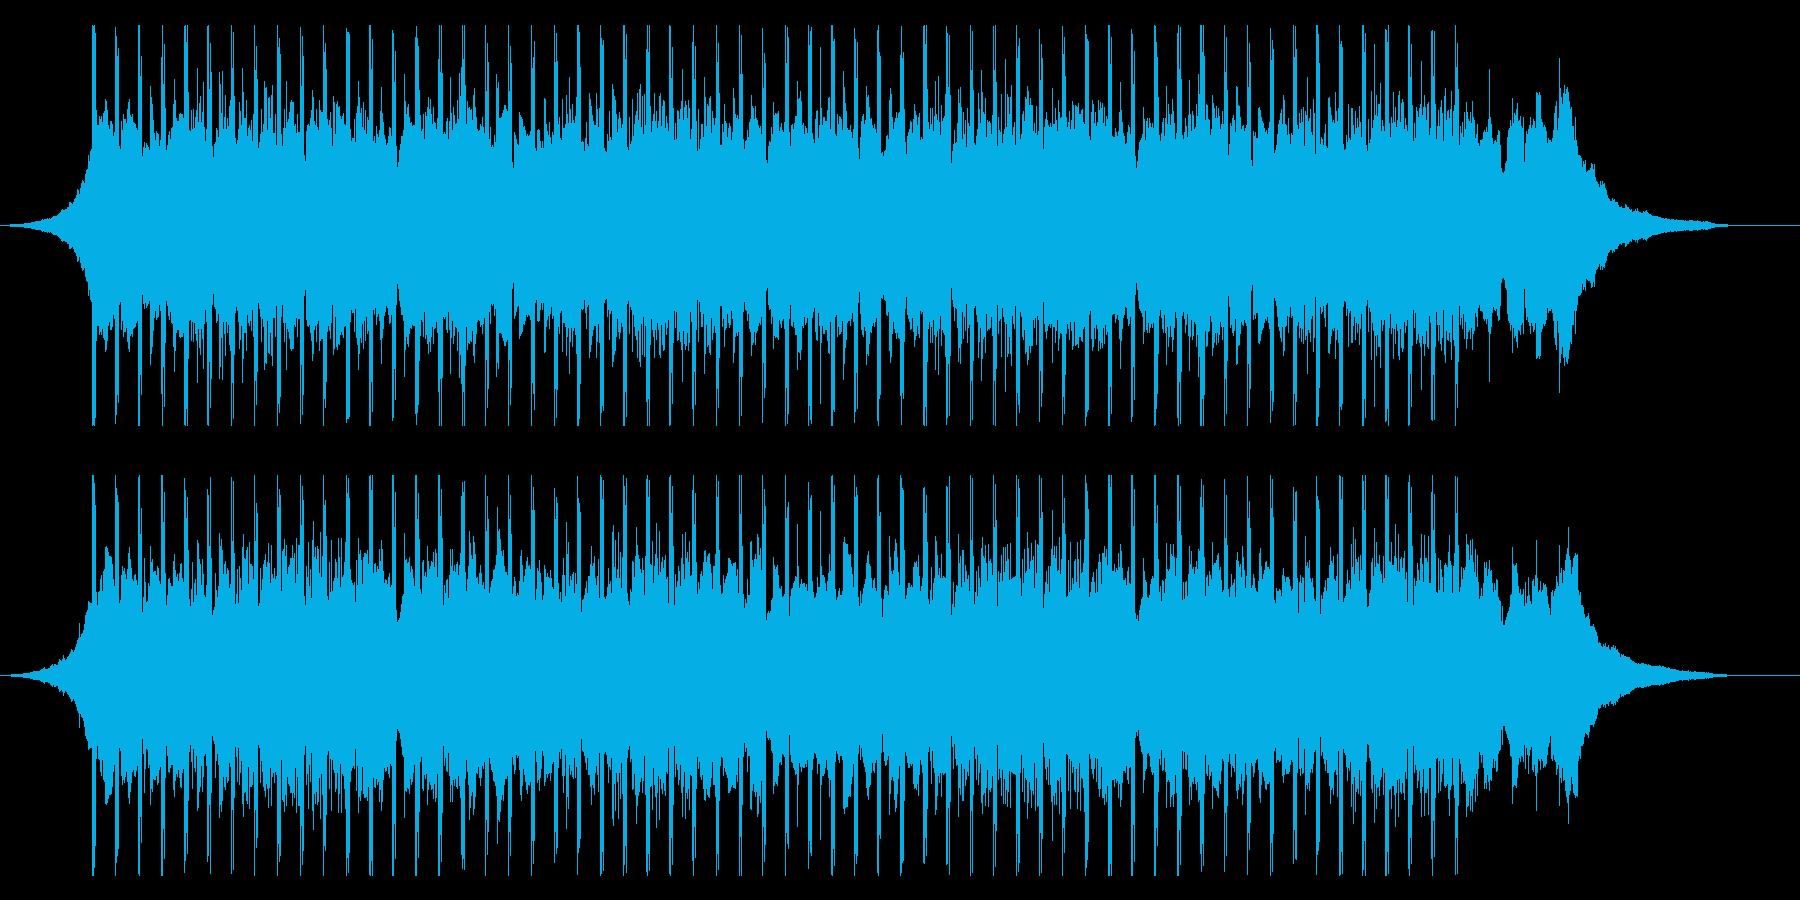 コーポレートプレゼンテーションの再生済みの波形